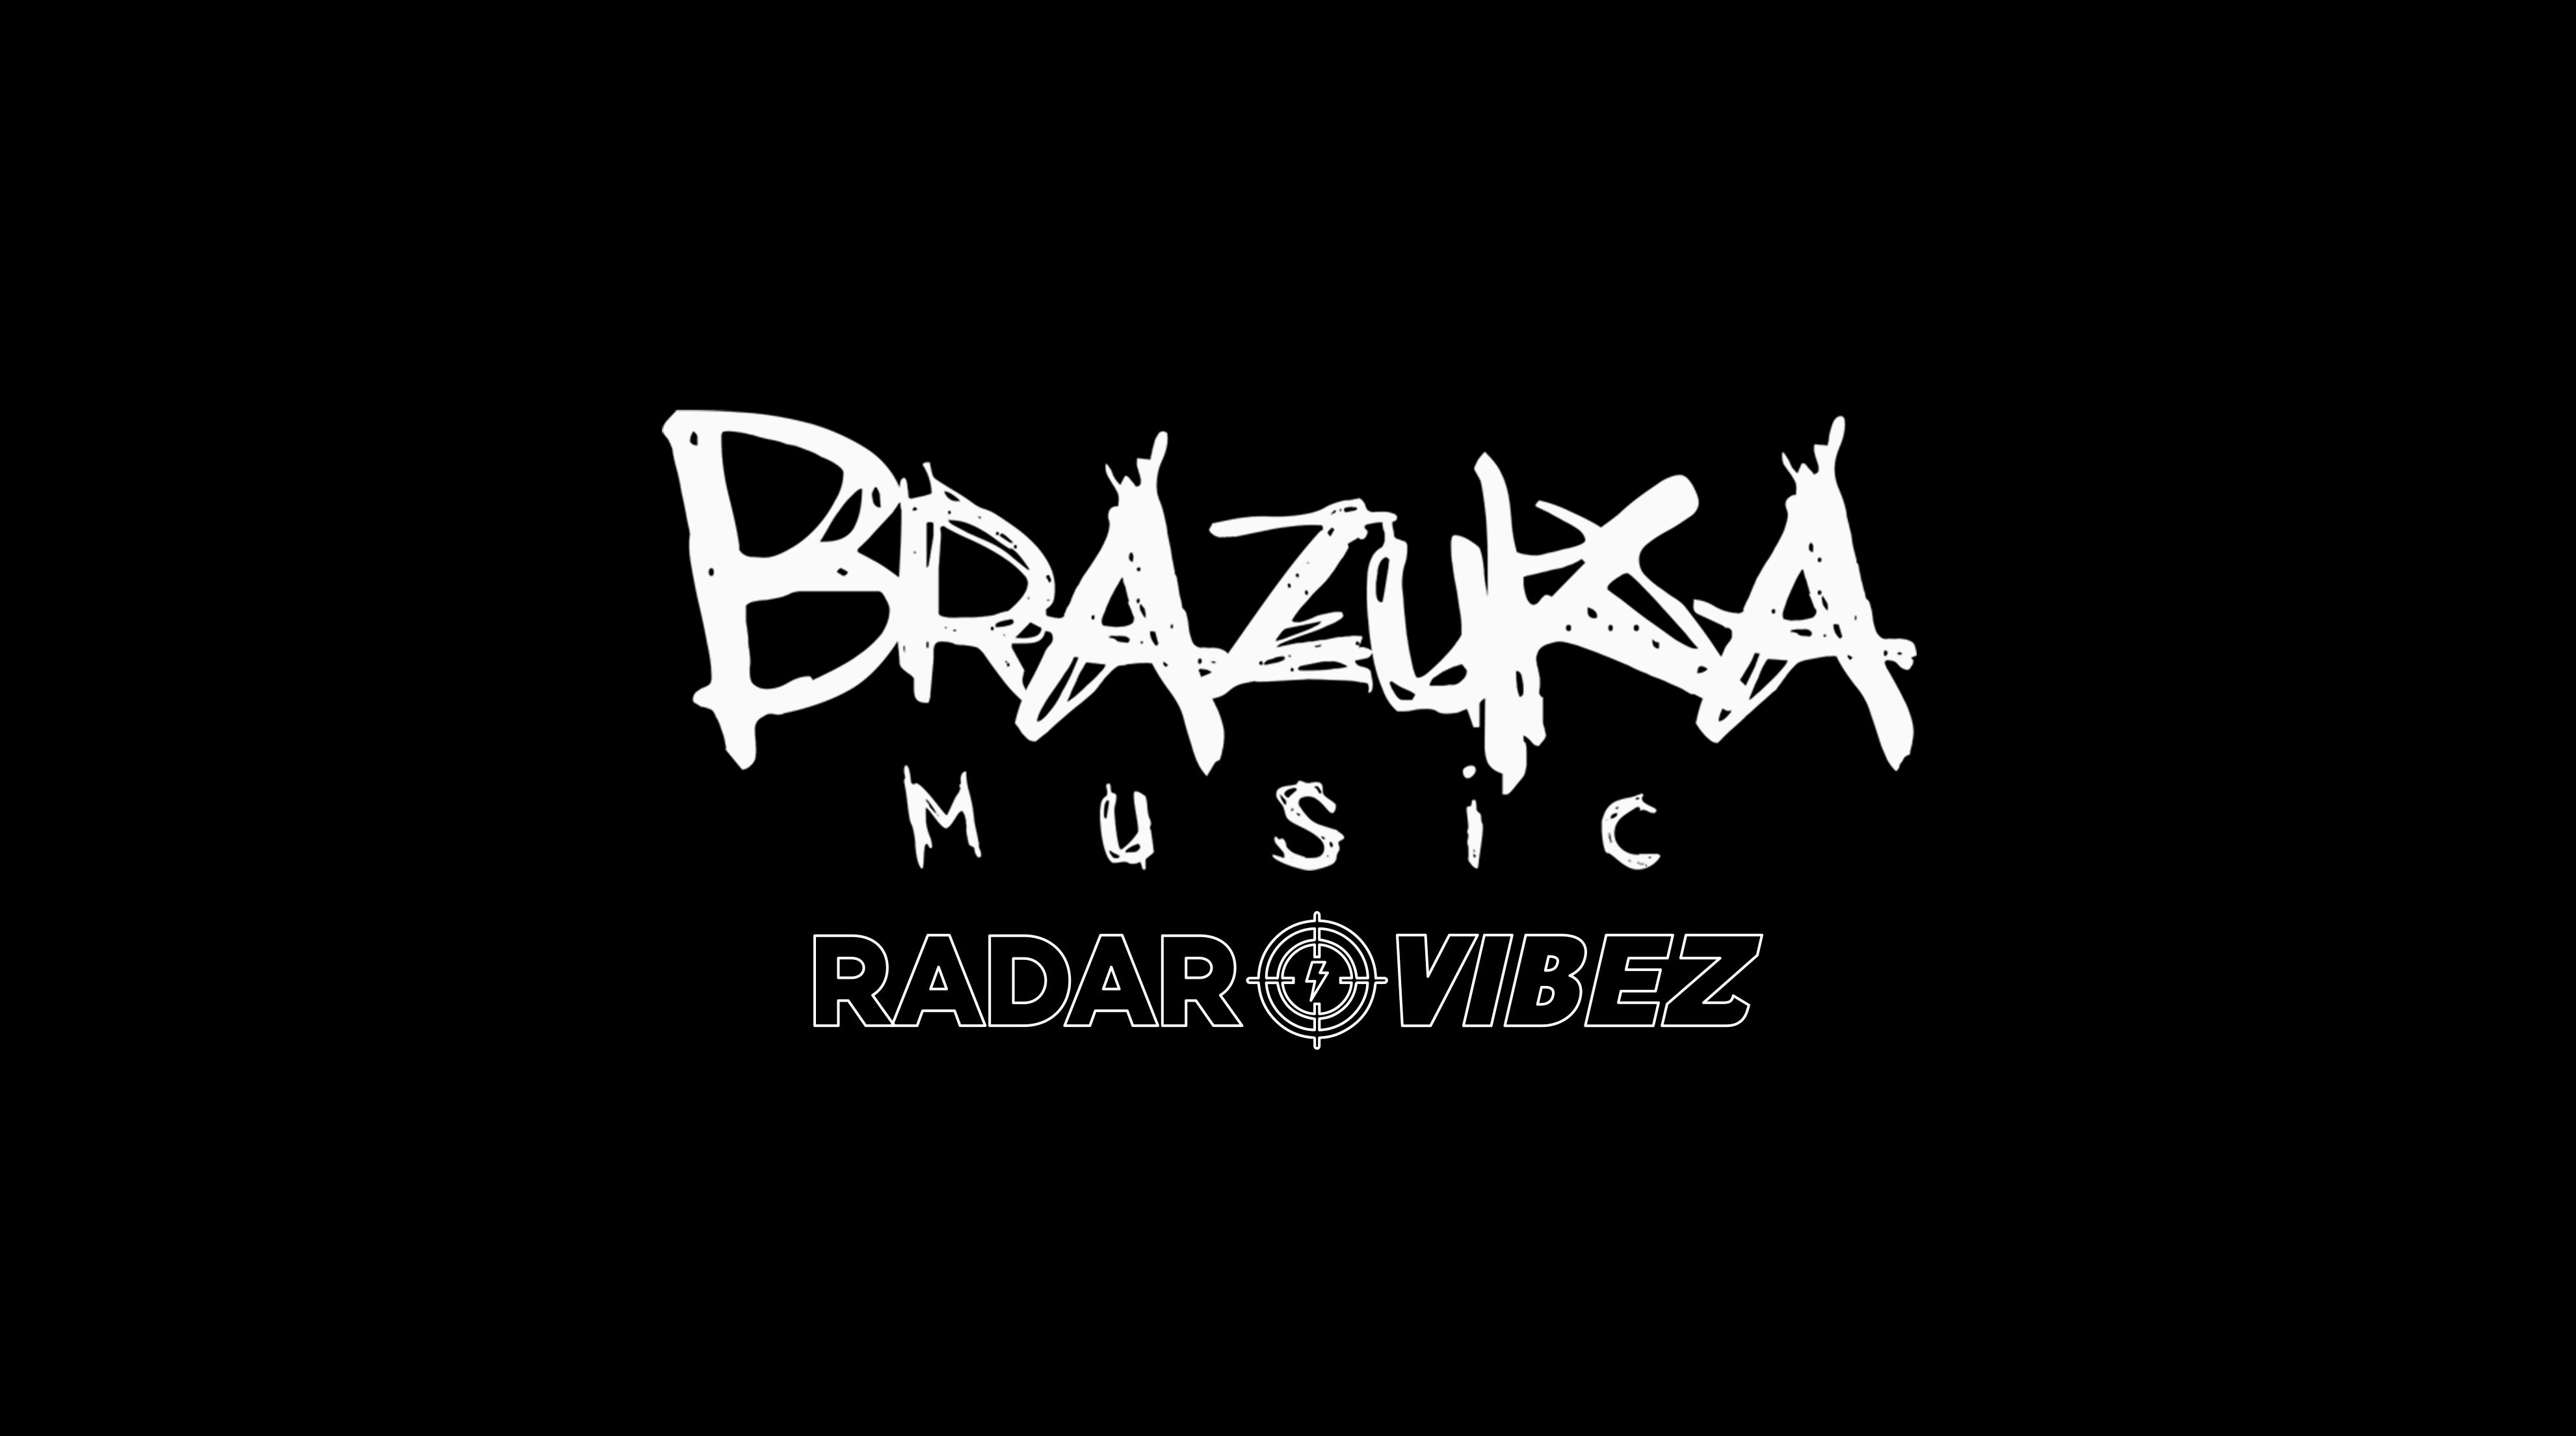 brazuka music radar vibez gravadora entrevista